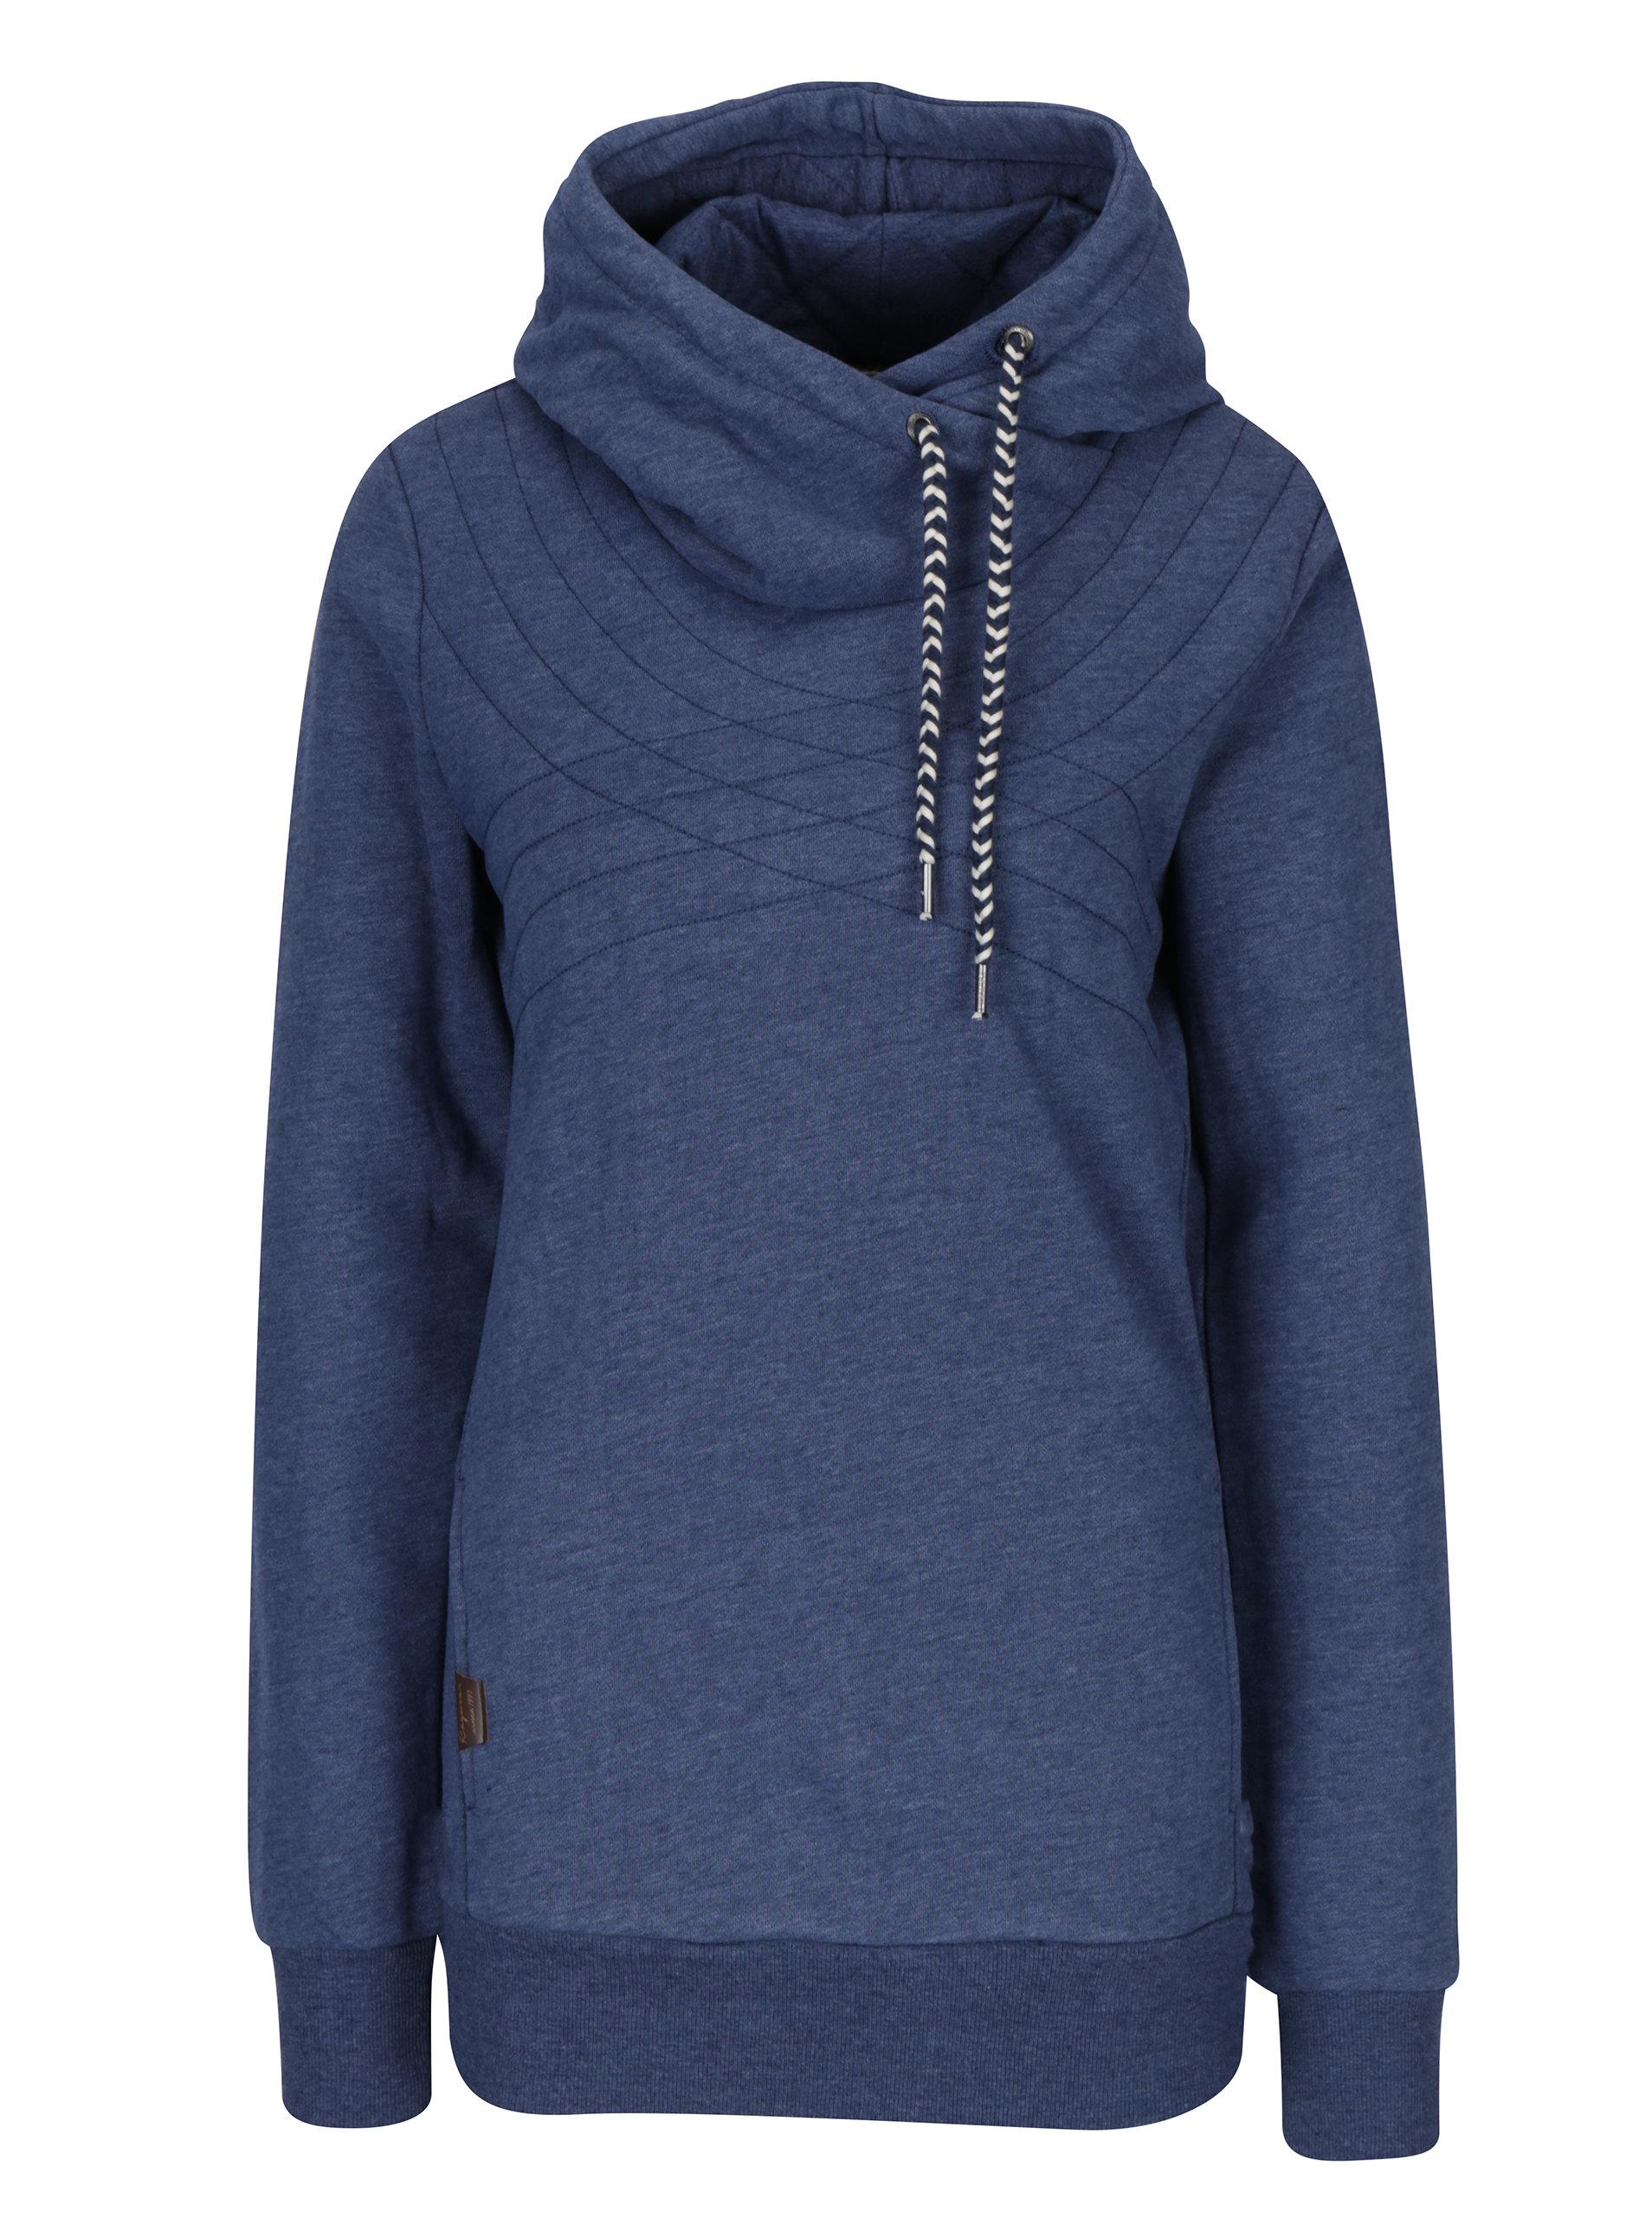 Modrá dámská dlouhá žíhaná mikina s kapucí Ragwear Kinsley ... 4463843c69